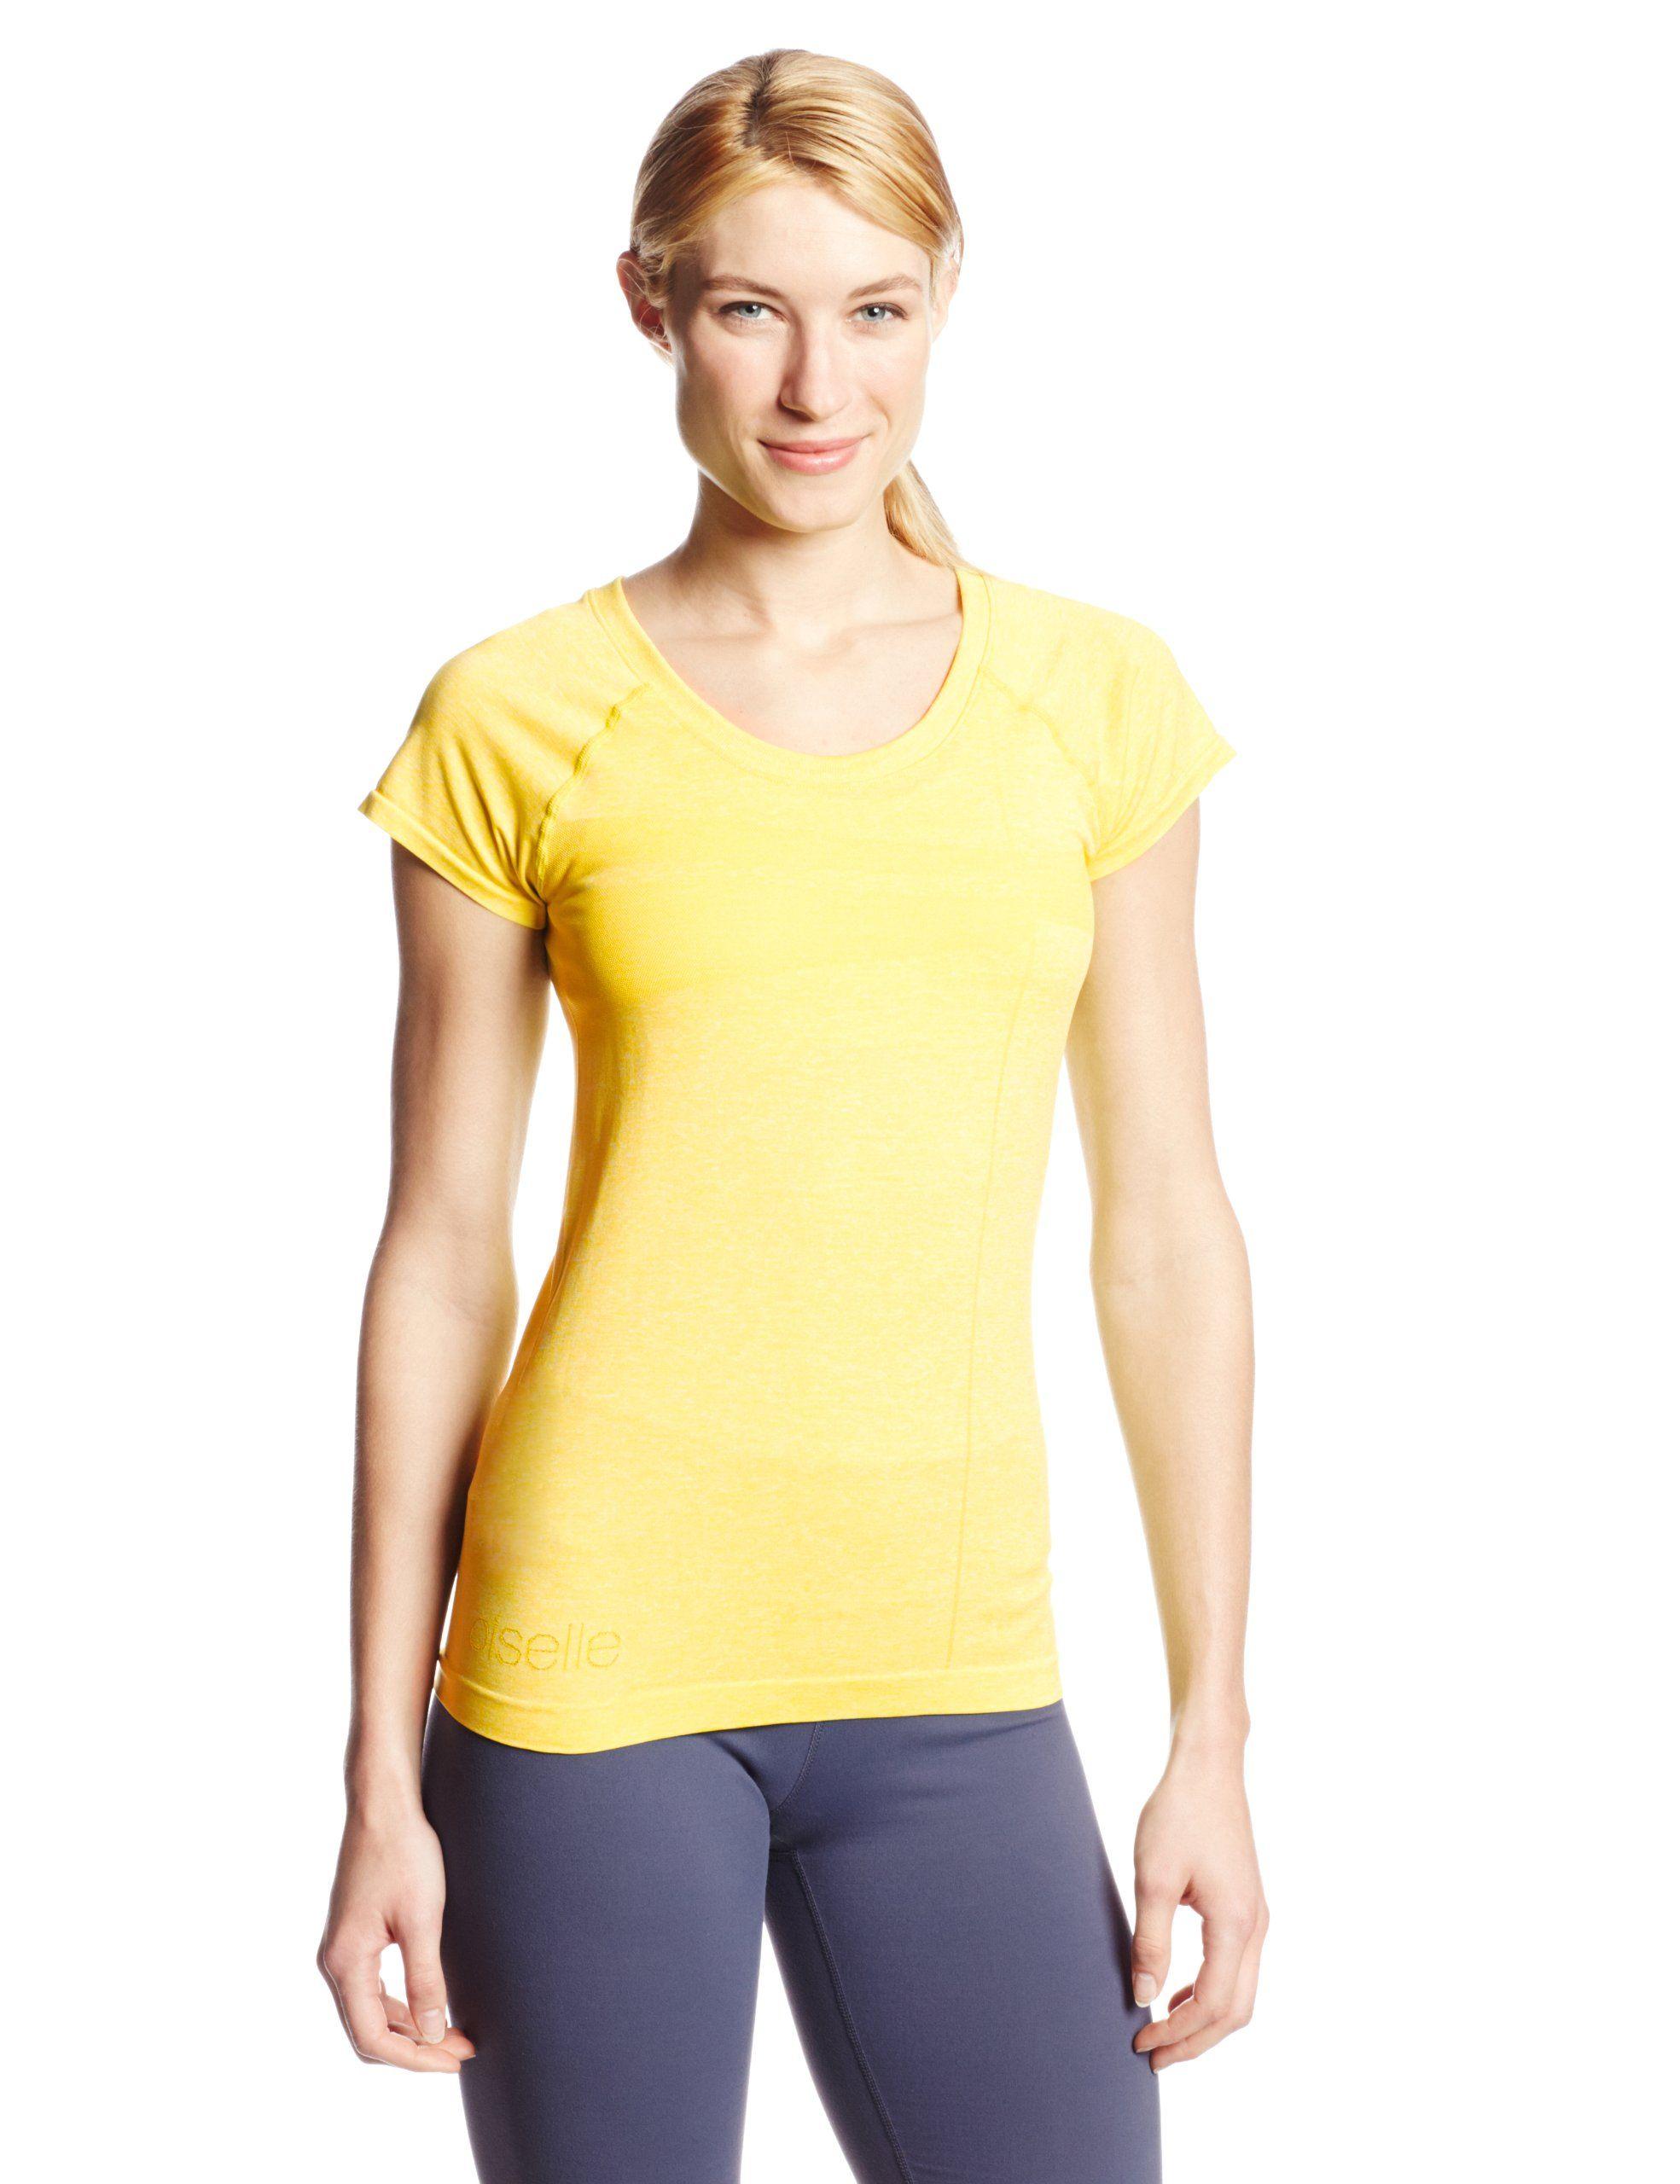 Oiselle Running Women's Flyte Short Sleeve Top, Fresh